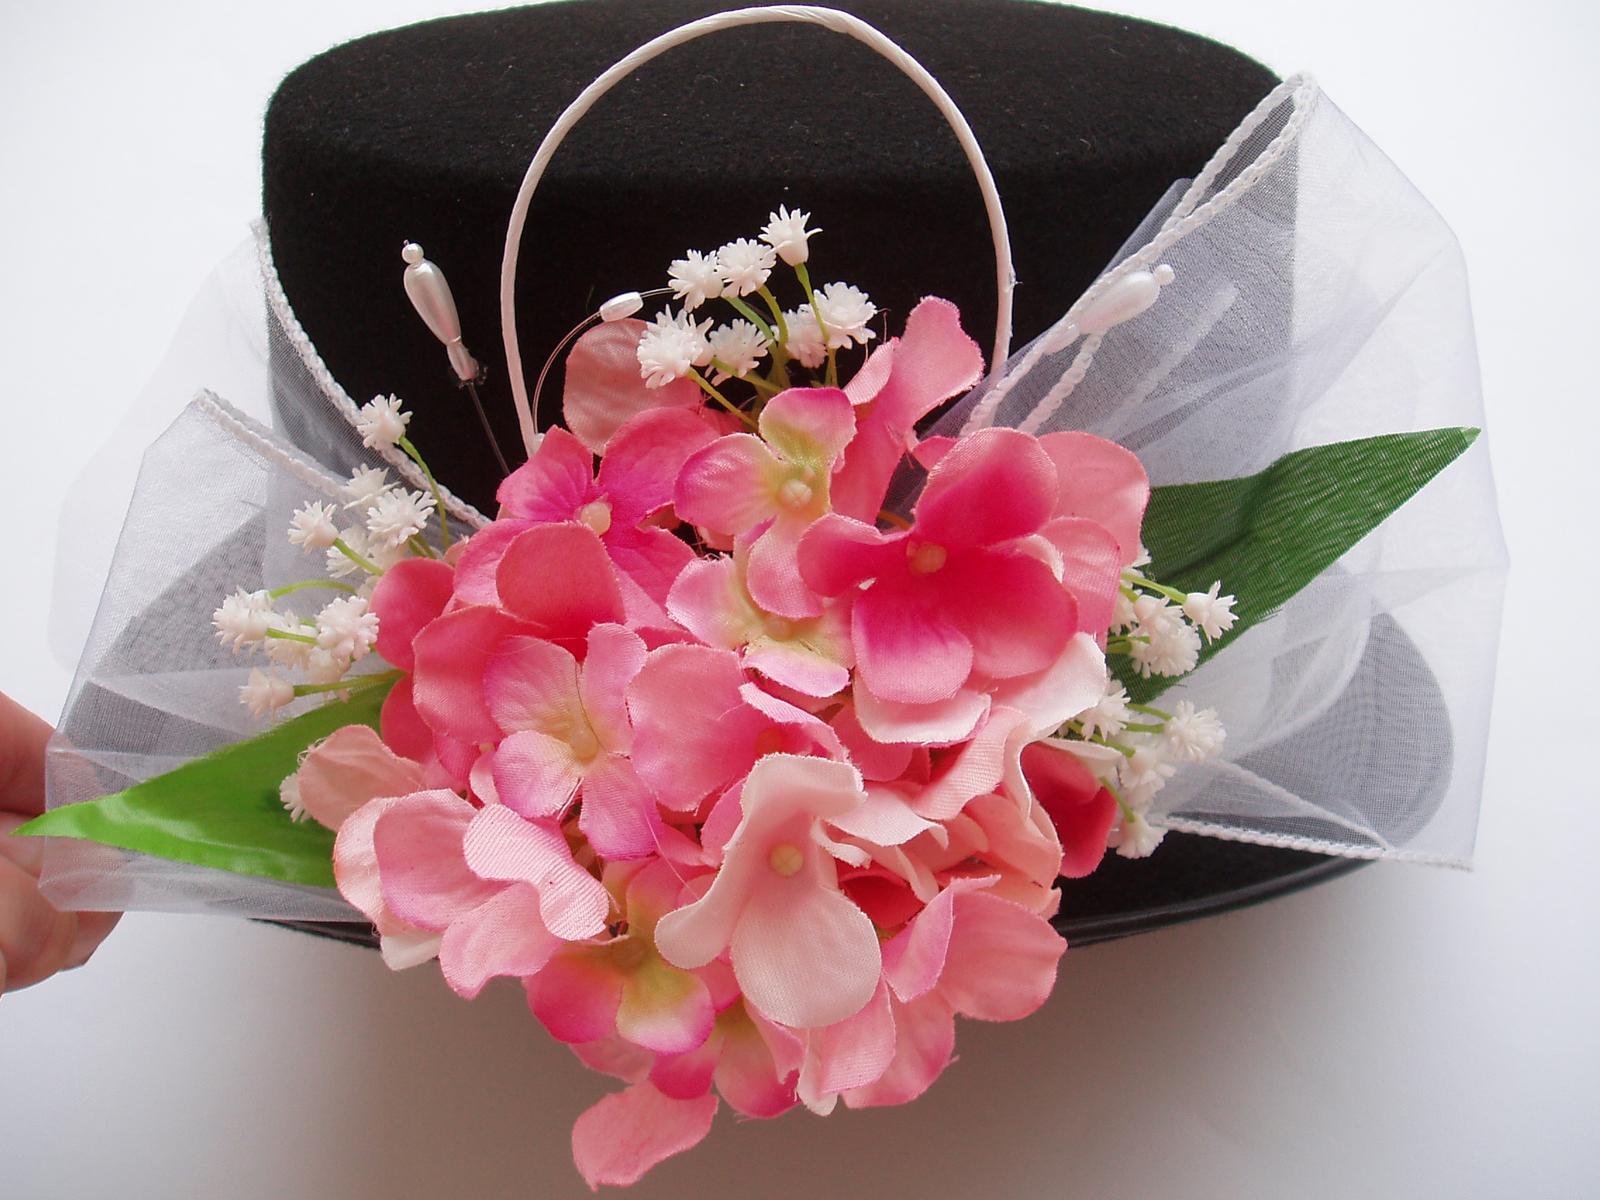 cylindr-růžová hortenzie - Obrázek č. 1